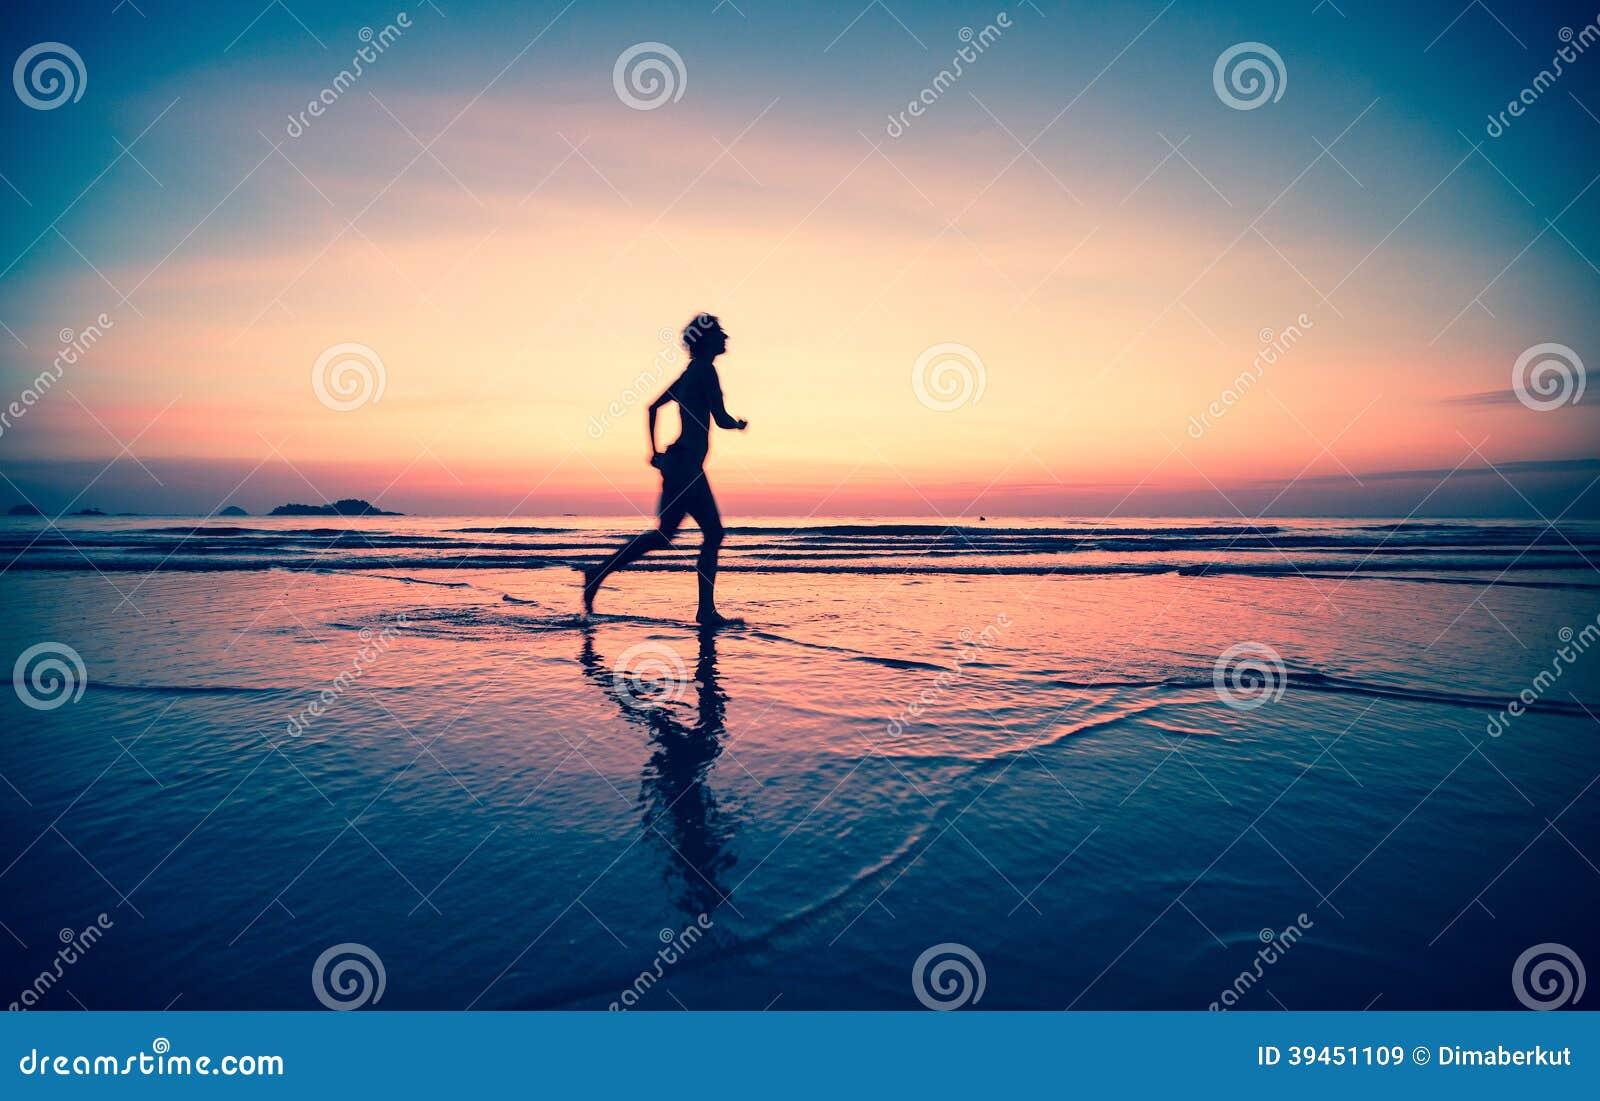 Blured-Schattenbild eines Frauenrüttlers auf dem Strand bei Sonnenuntergang